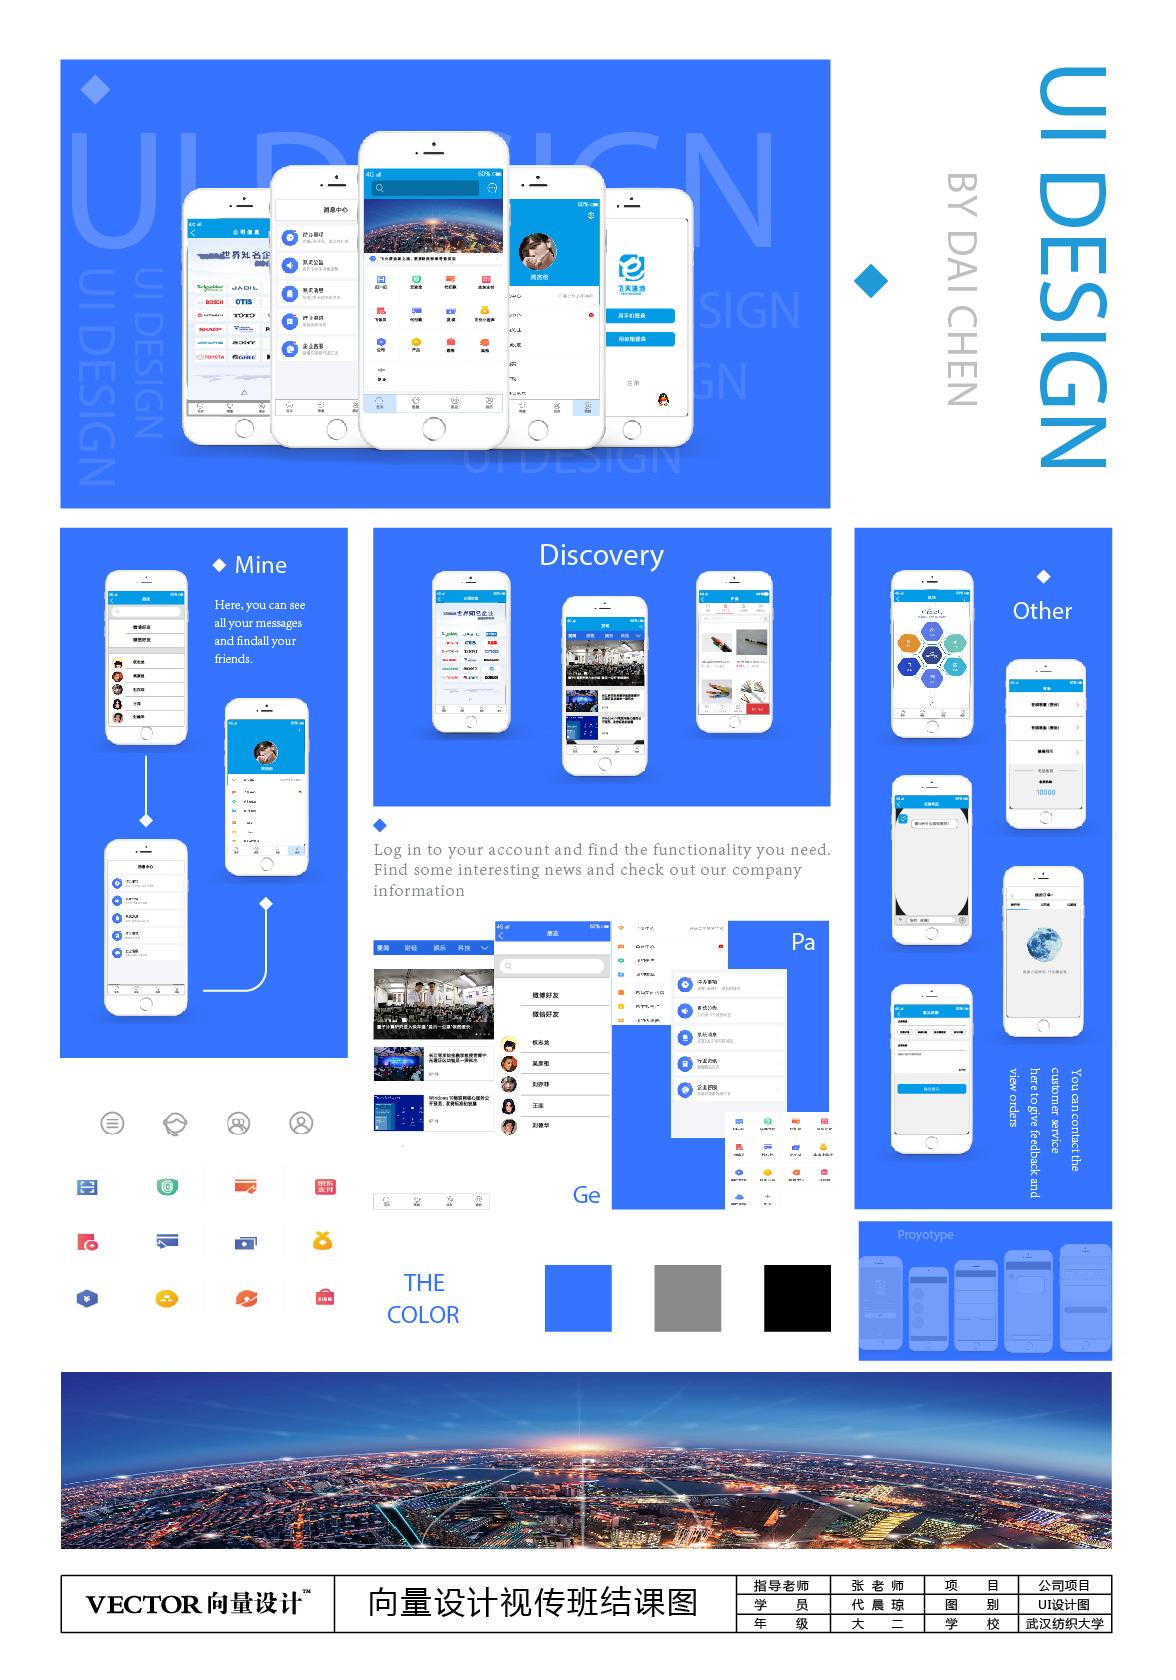 向量设计/视传UI学员界面设计作品